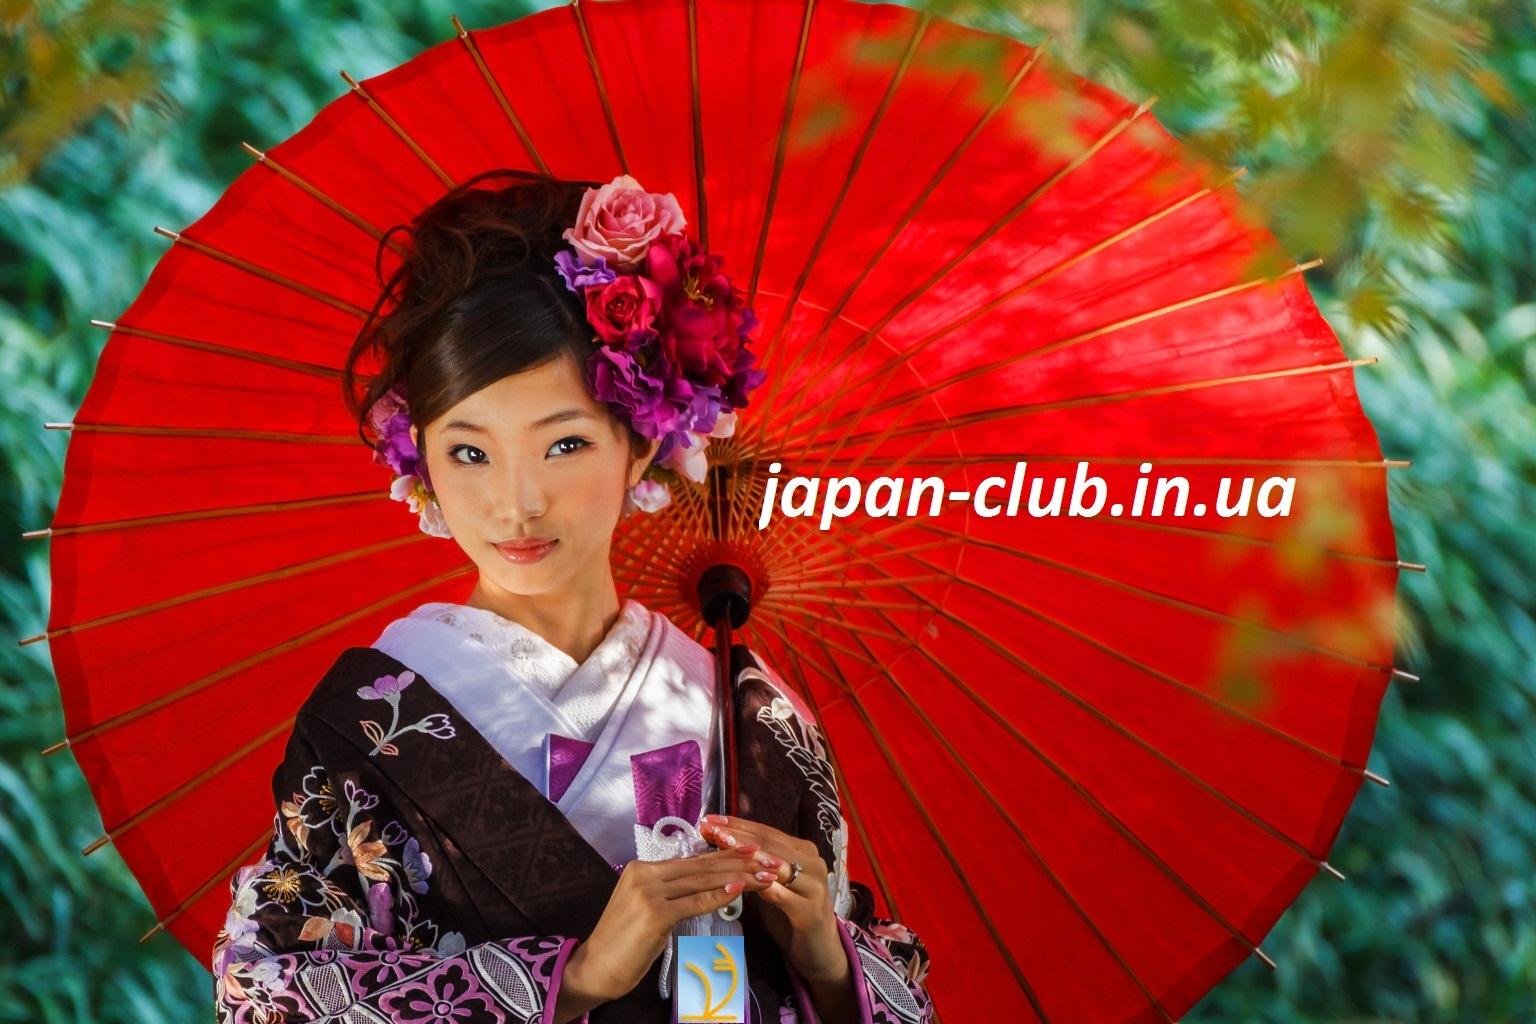 Японские товары для здоровья, витамины, минералы и омолаживающая косметика